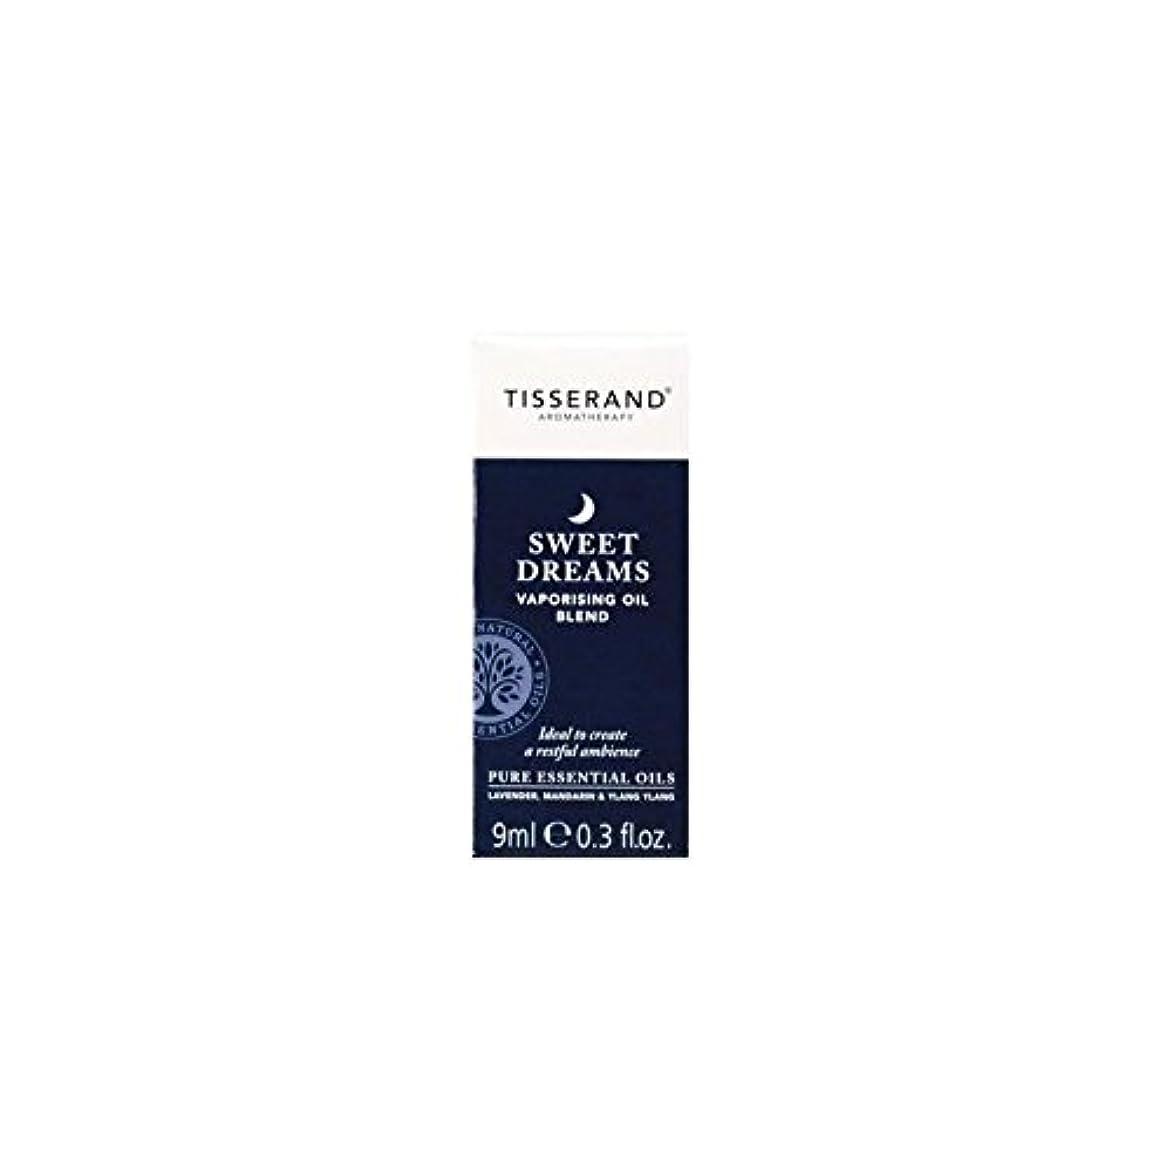 排泄するタンカー非常にオイル9ミリリットルを気化甘い夢 (Tisserand) (x 4) - Tisserand Sweet Dreams Vaporising Oil 9ml (Pack of 4) [並行輸入品]